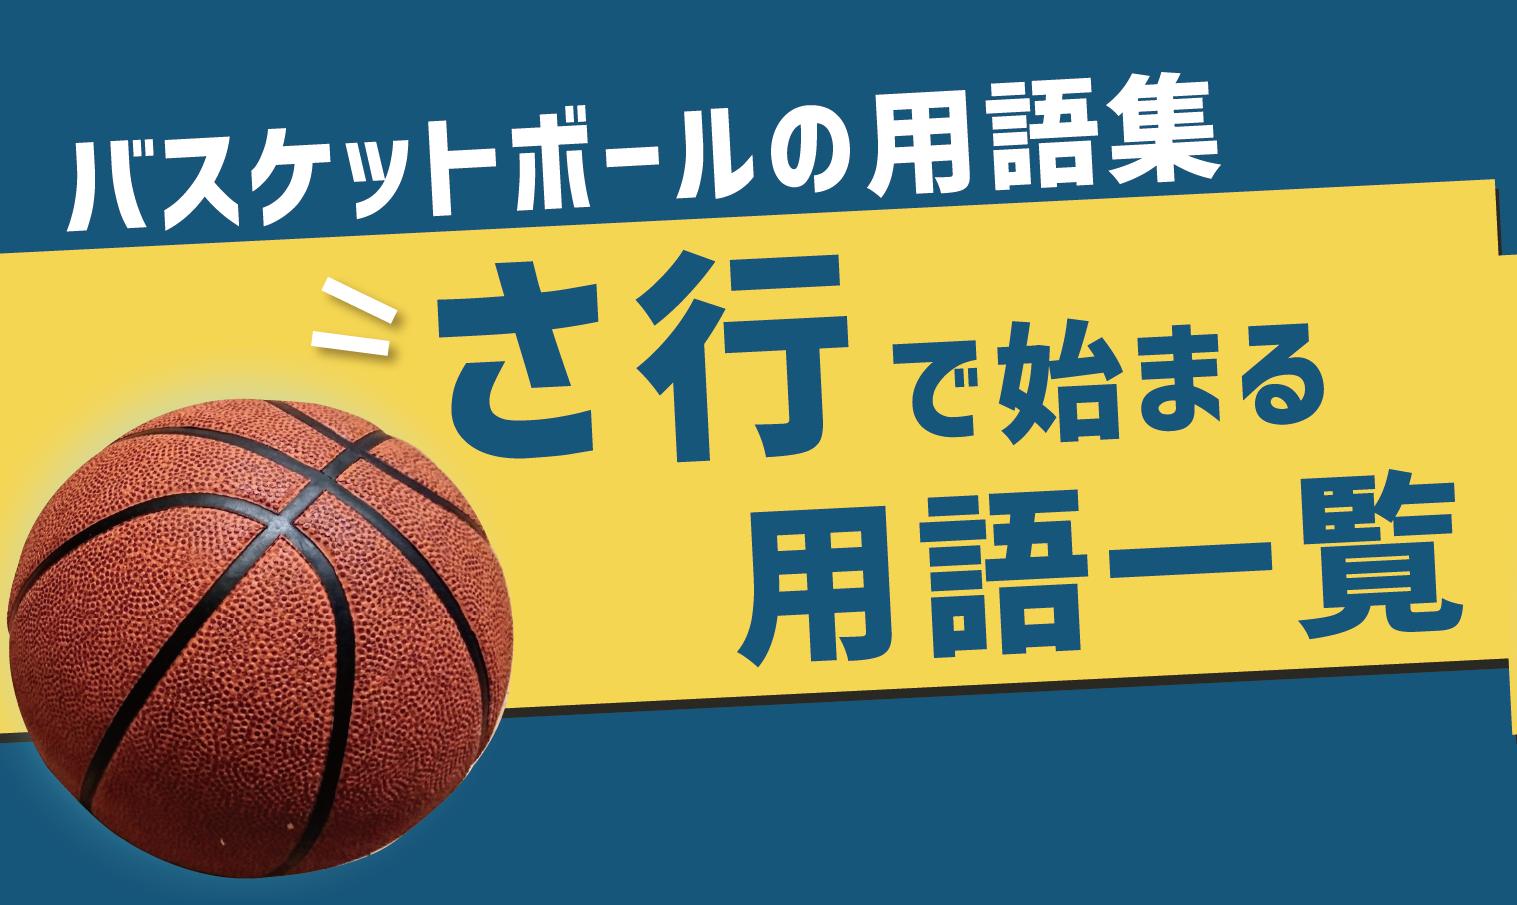 バスケットボールの用語集【さ行】で始まる用語一覧